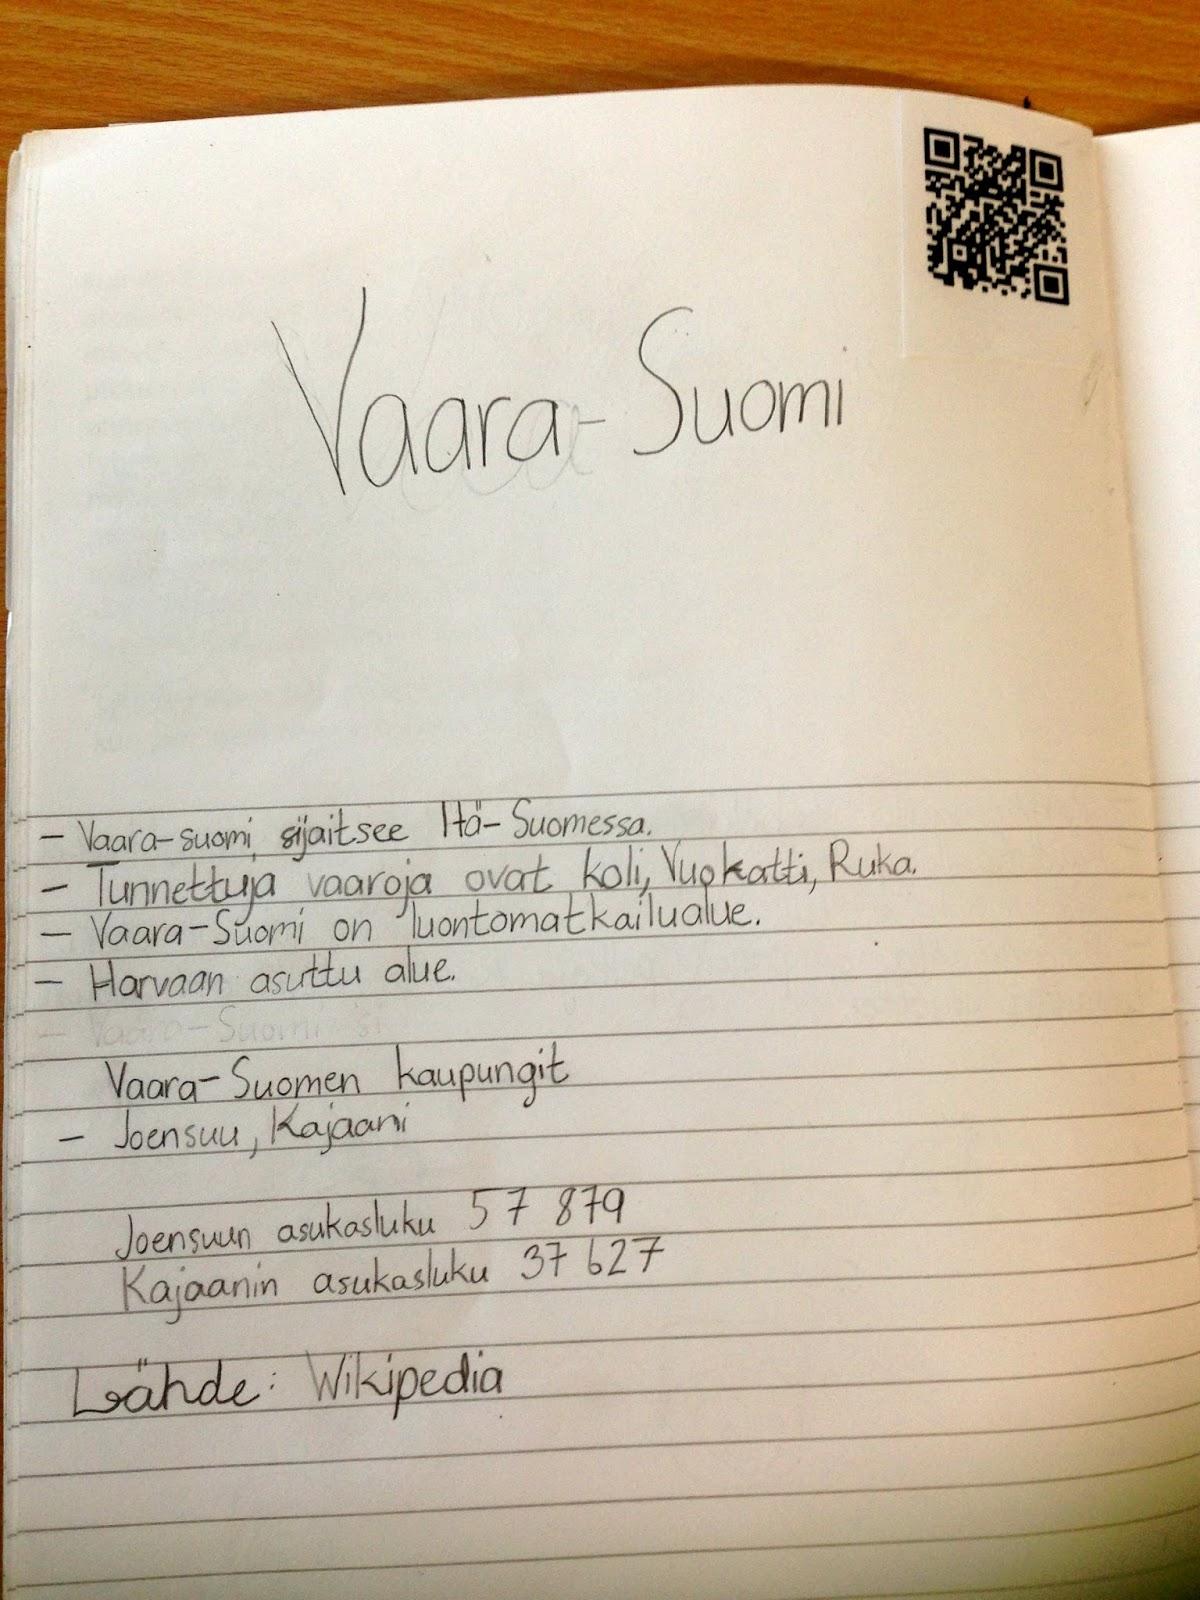 Openideat Vaara Suomi